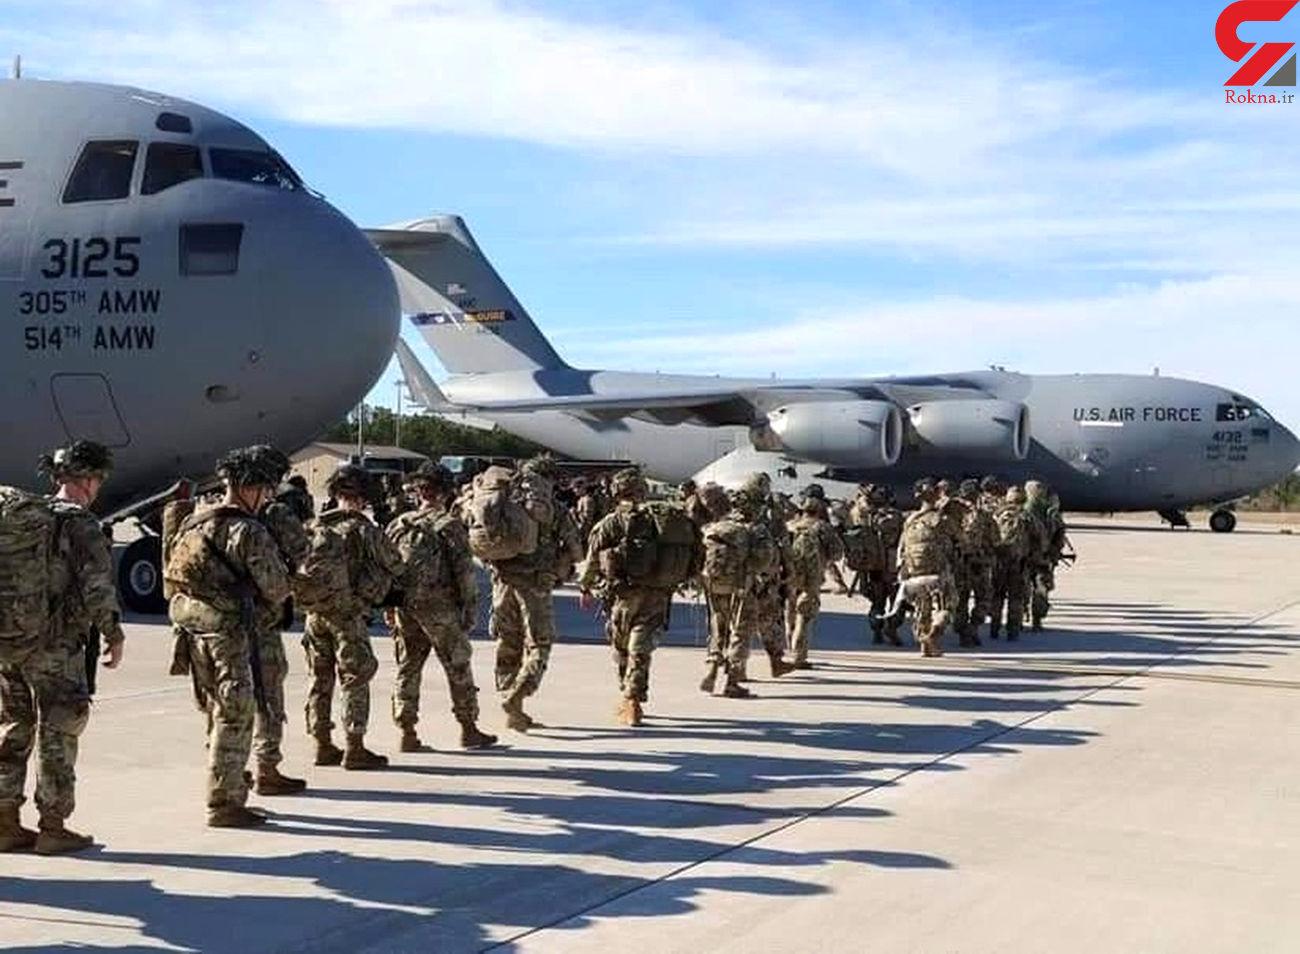 پیامد استقرار بمب افکنهای B-52 در خاورمیانه برای ایران